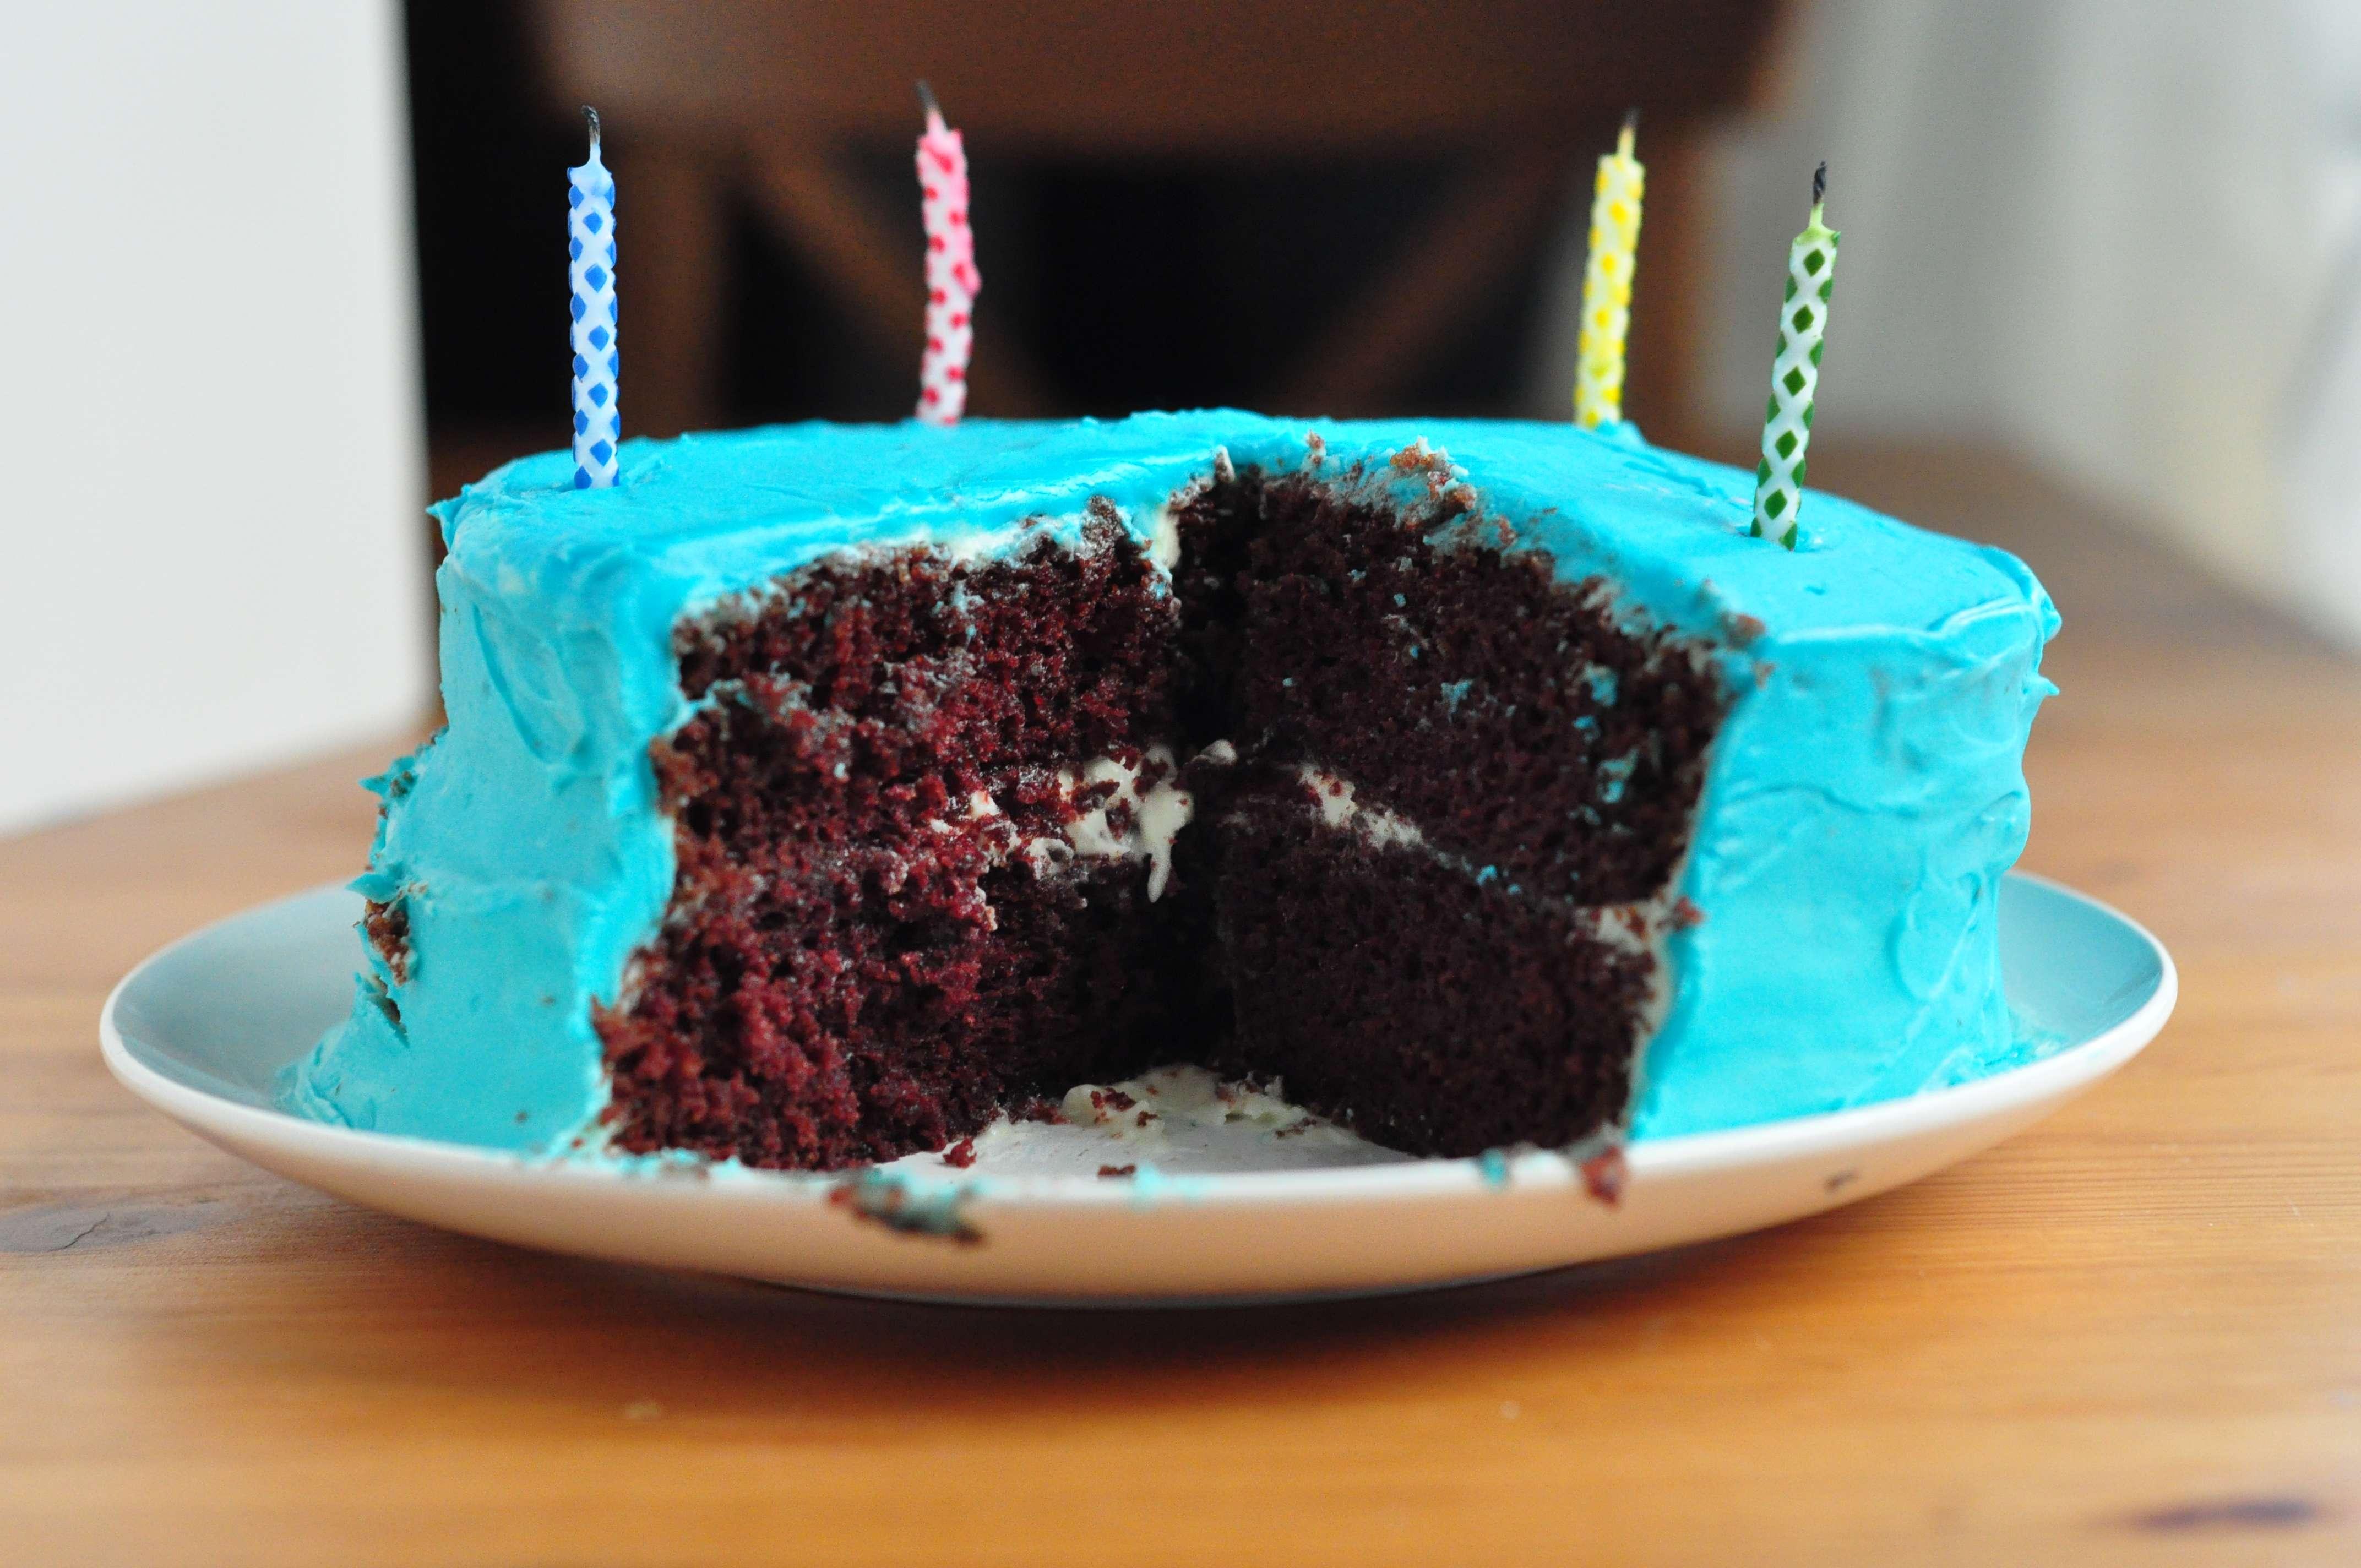 Blue Velvet Cake Life In Limbo